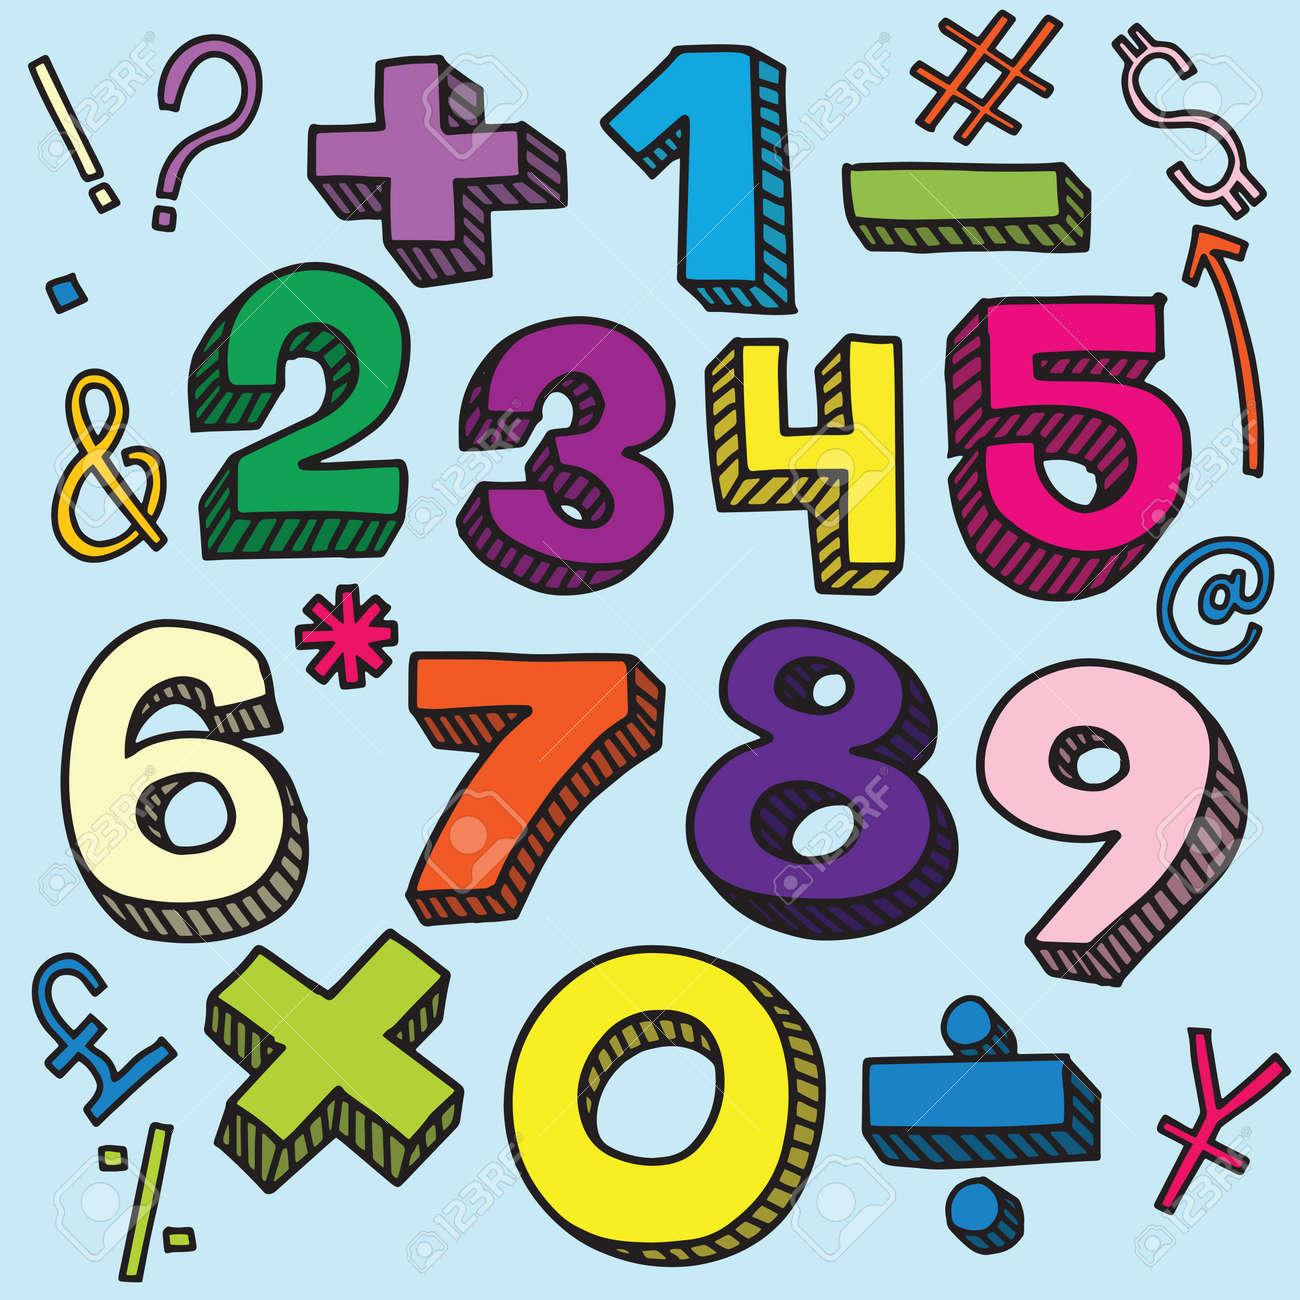 Dibujo De Numeros Y Simbolos Matematicos En Estilo Retro Letras